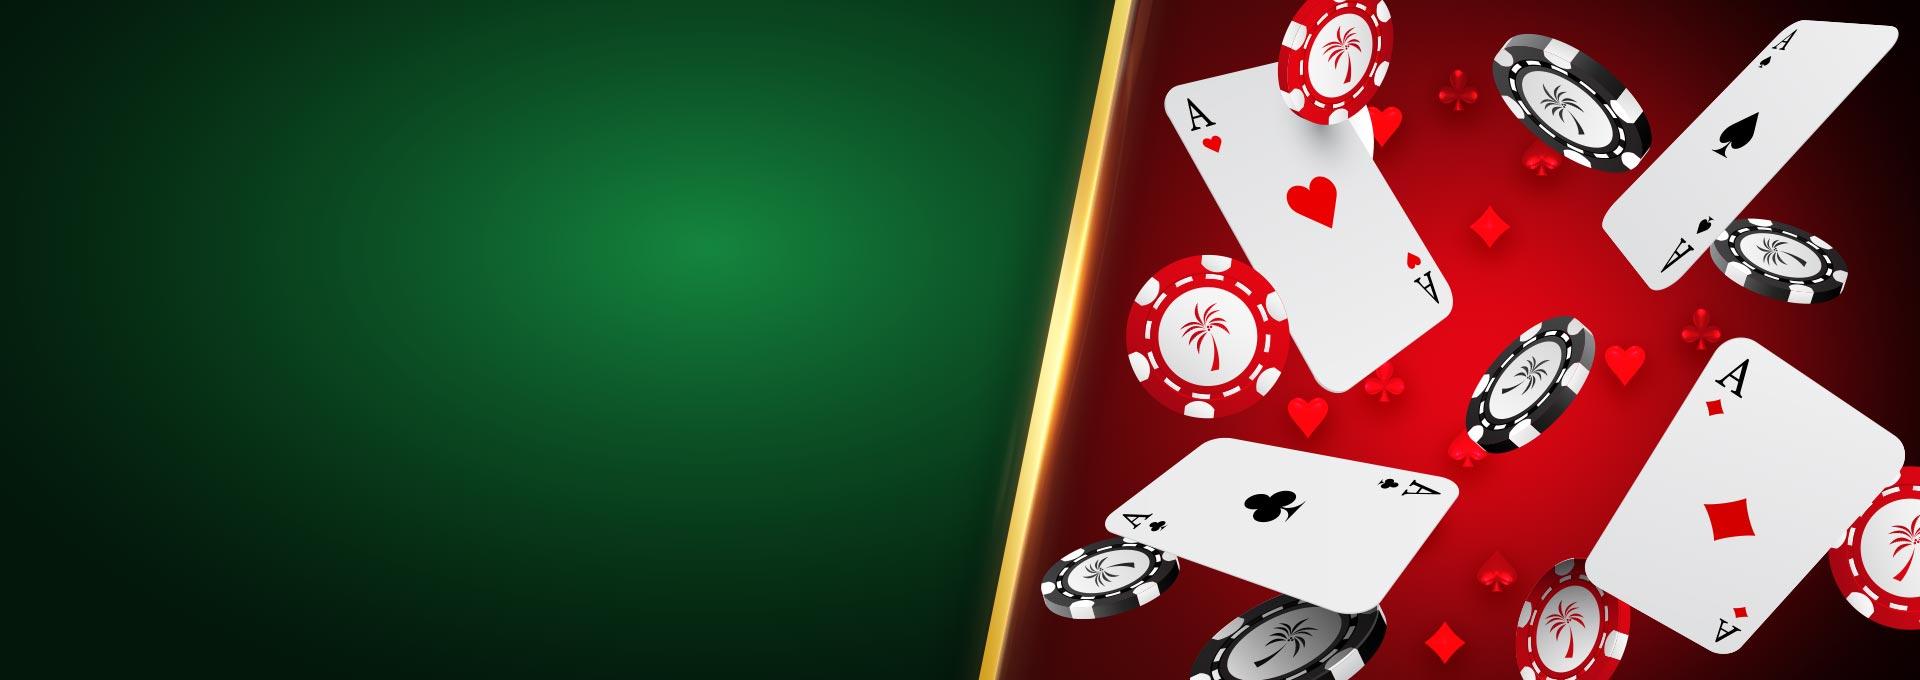 Скачать бесплатно игровые автоматы игры для psp онлайн казино фортуна